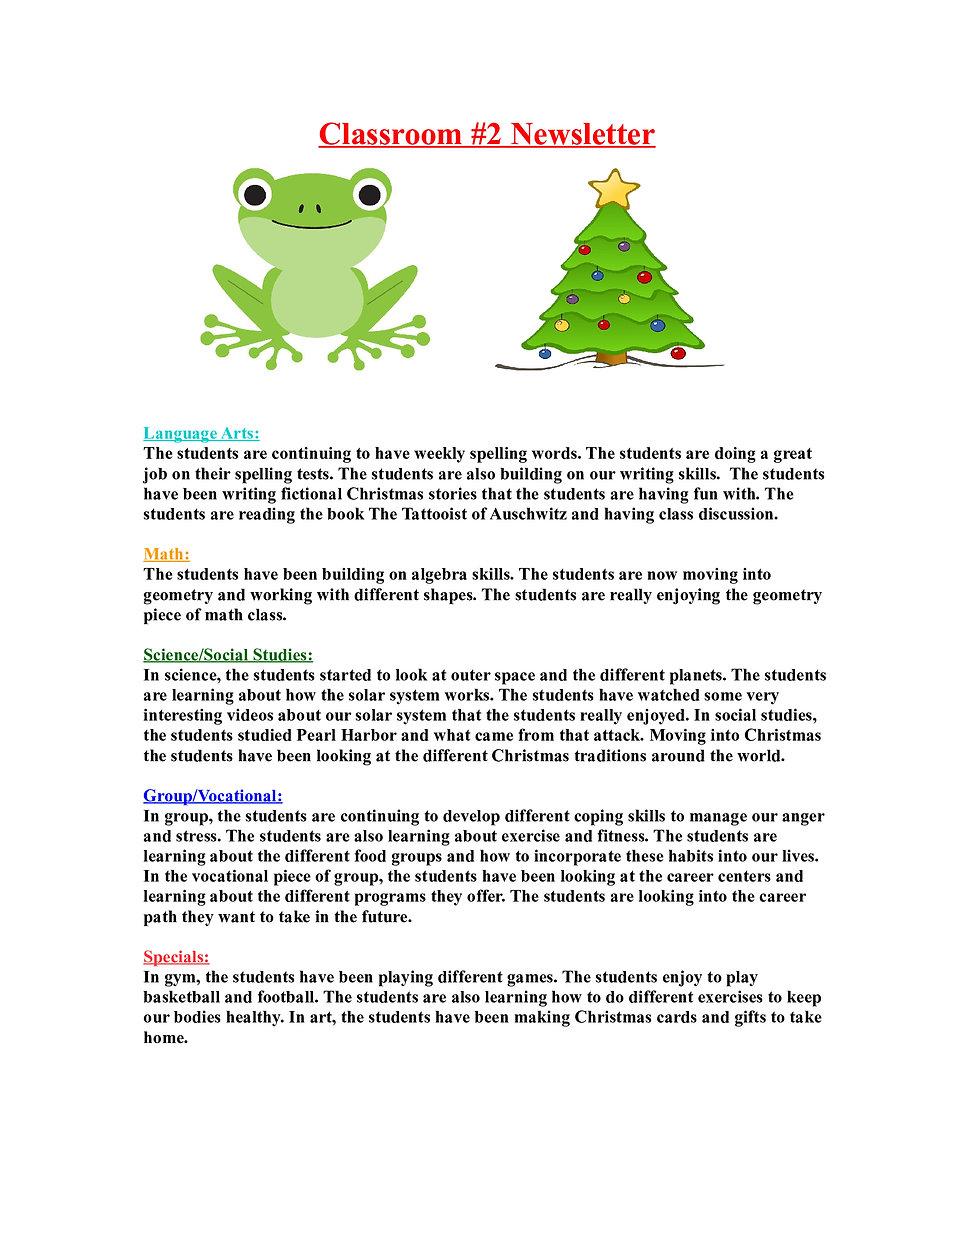 Classroom-_2-Newsletter-dec.jpg